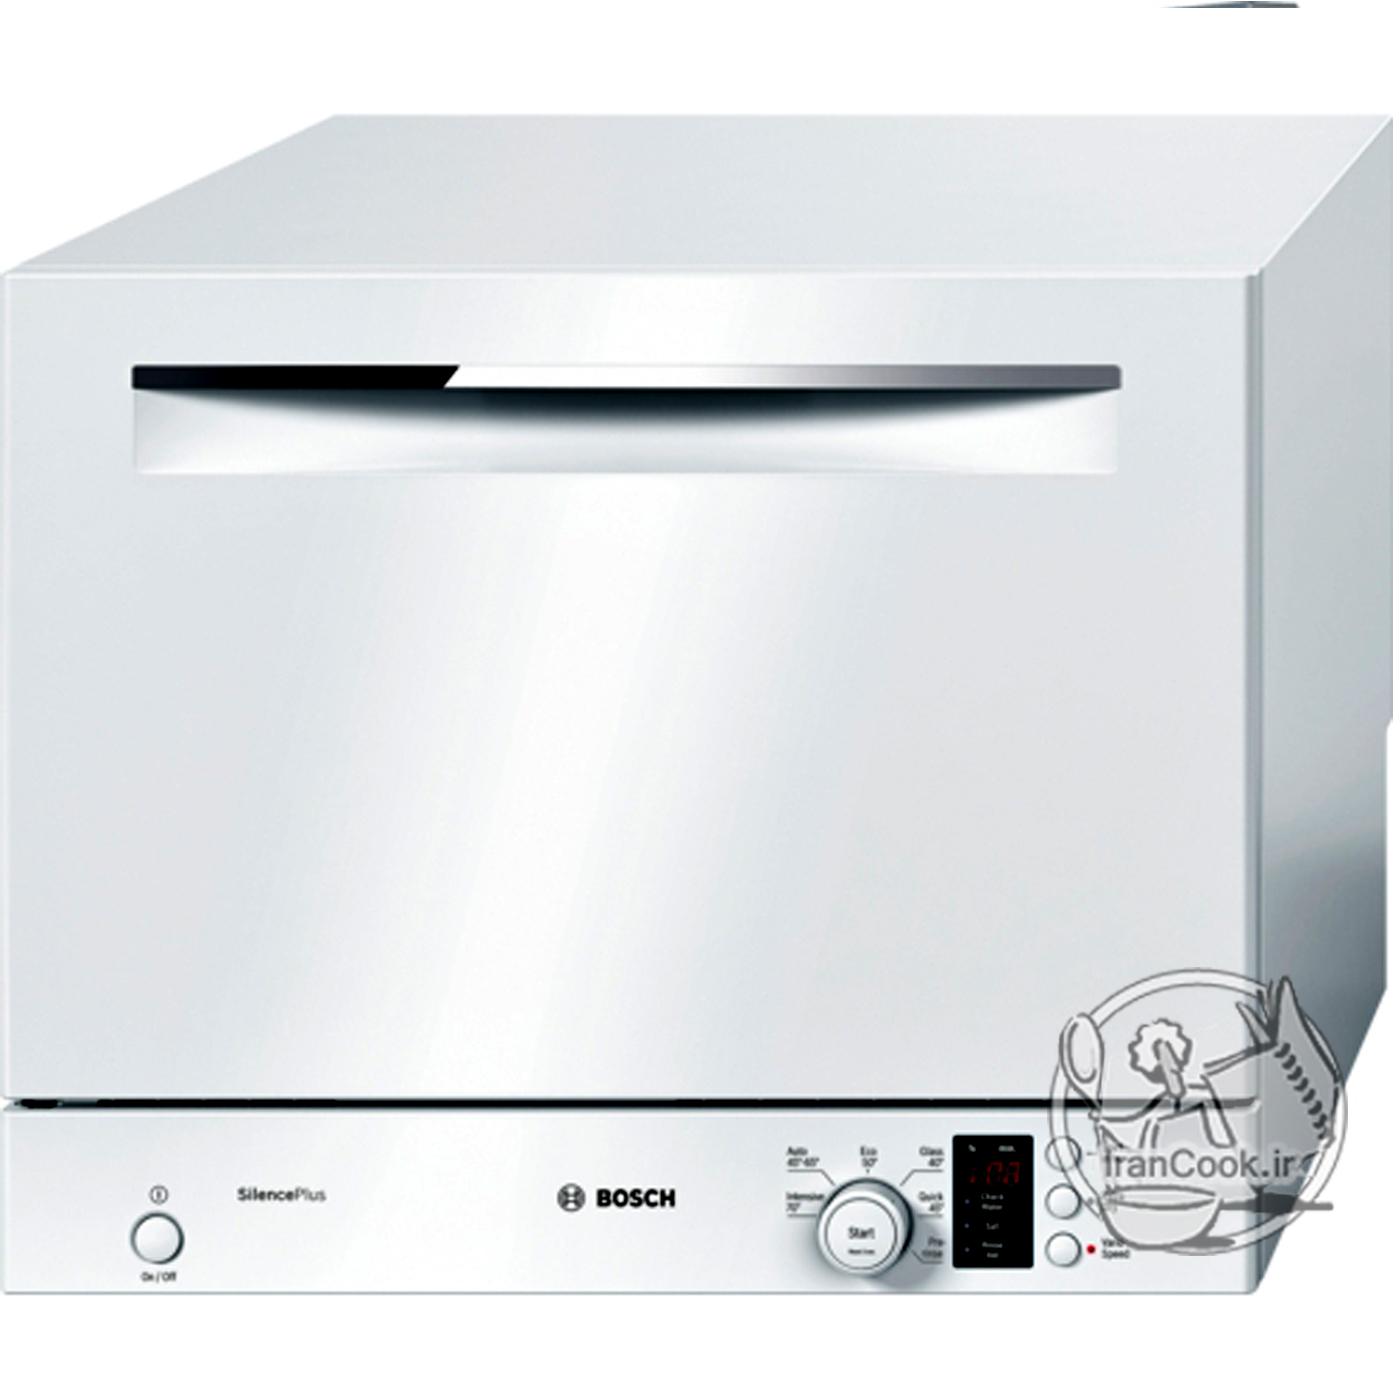 ماشین ظرفشویی BOSCH مدل SKS62E22IR